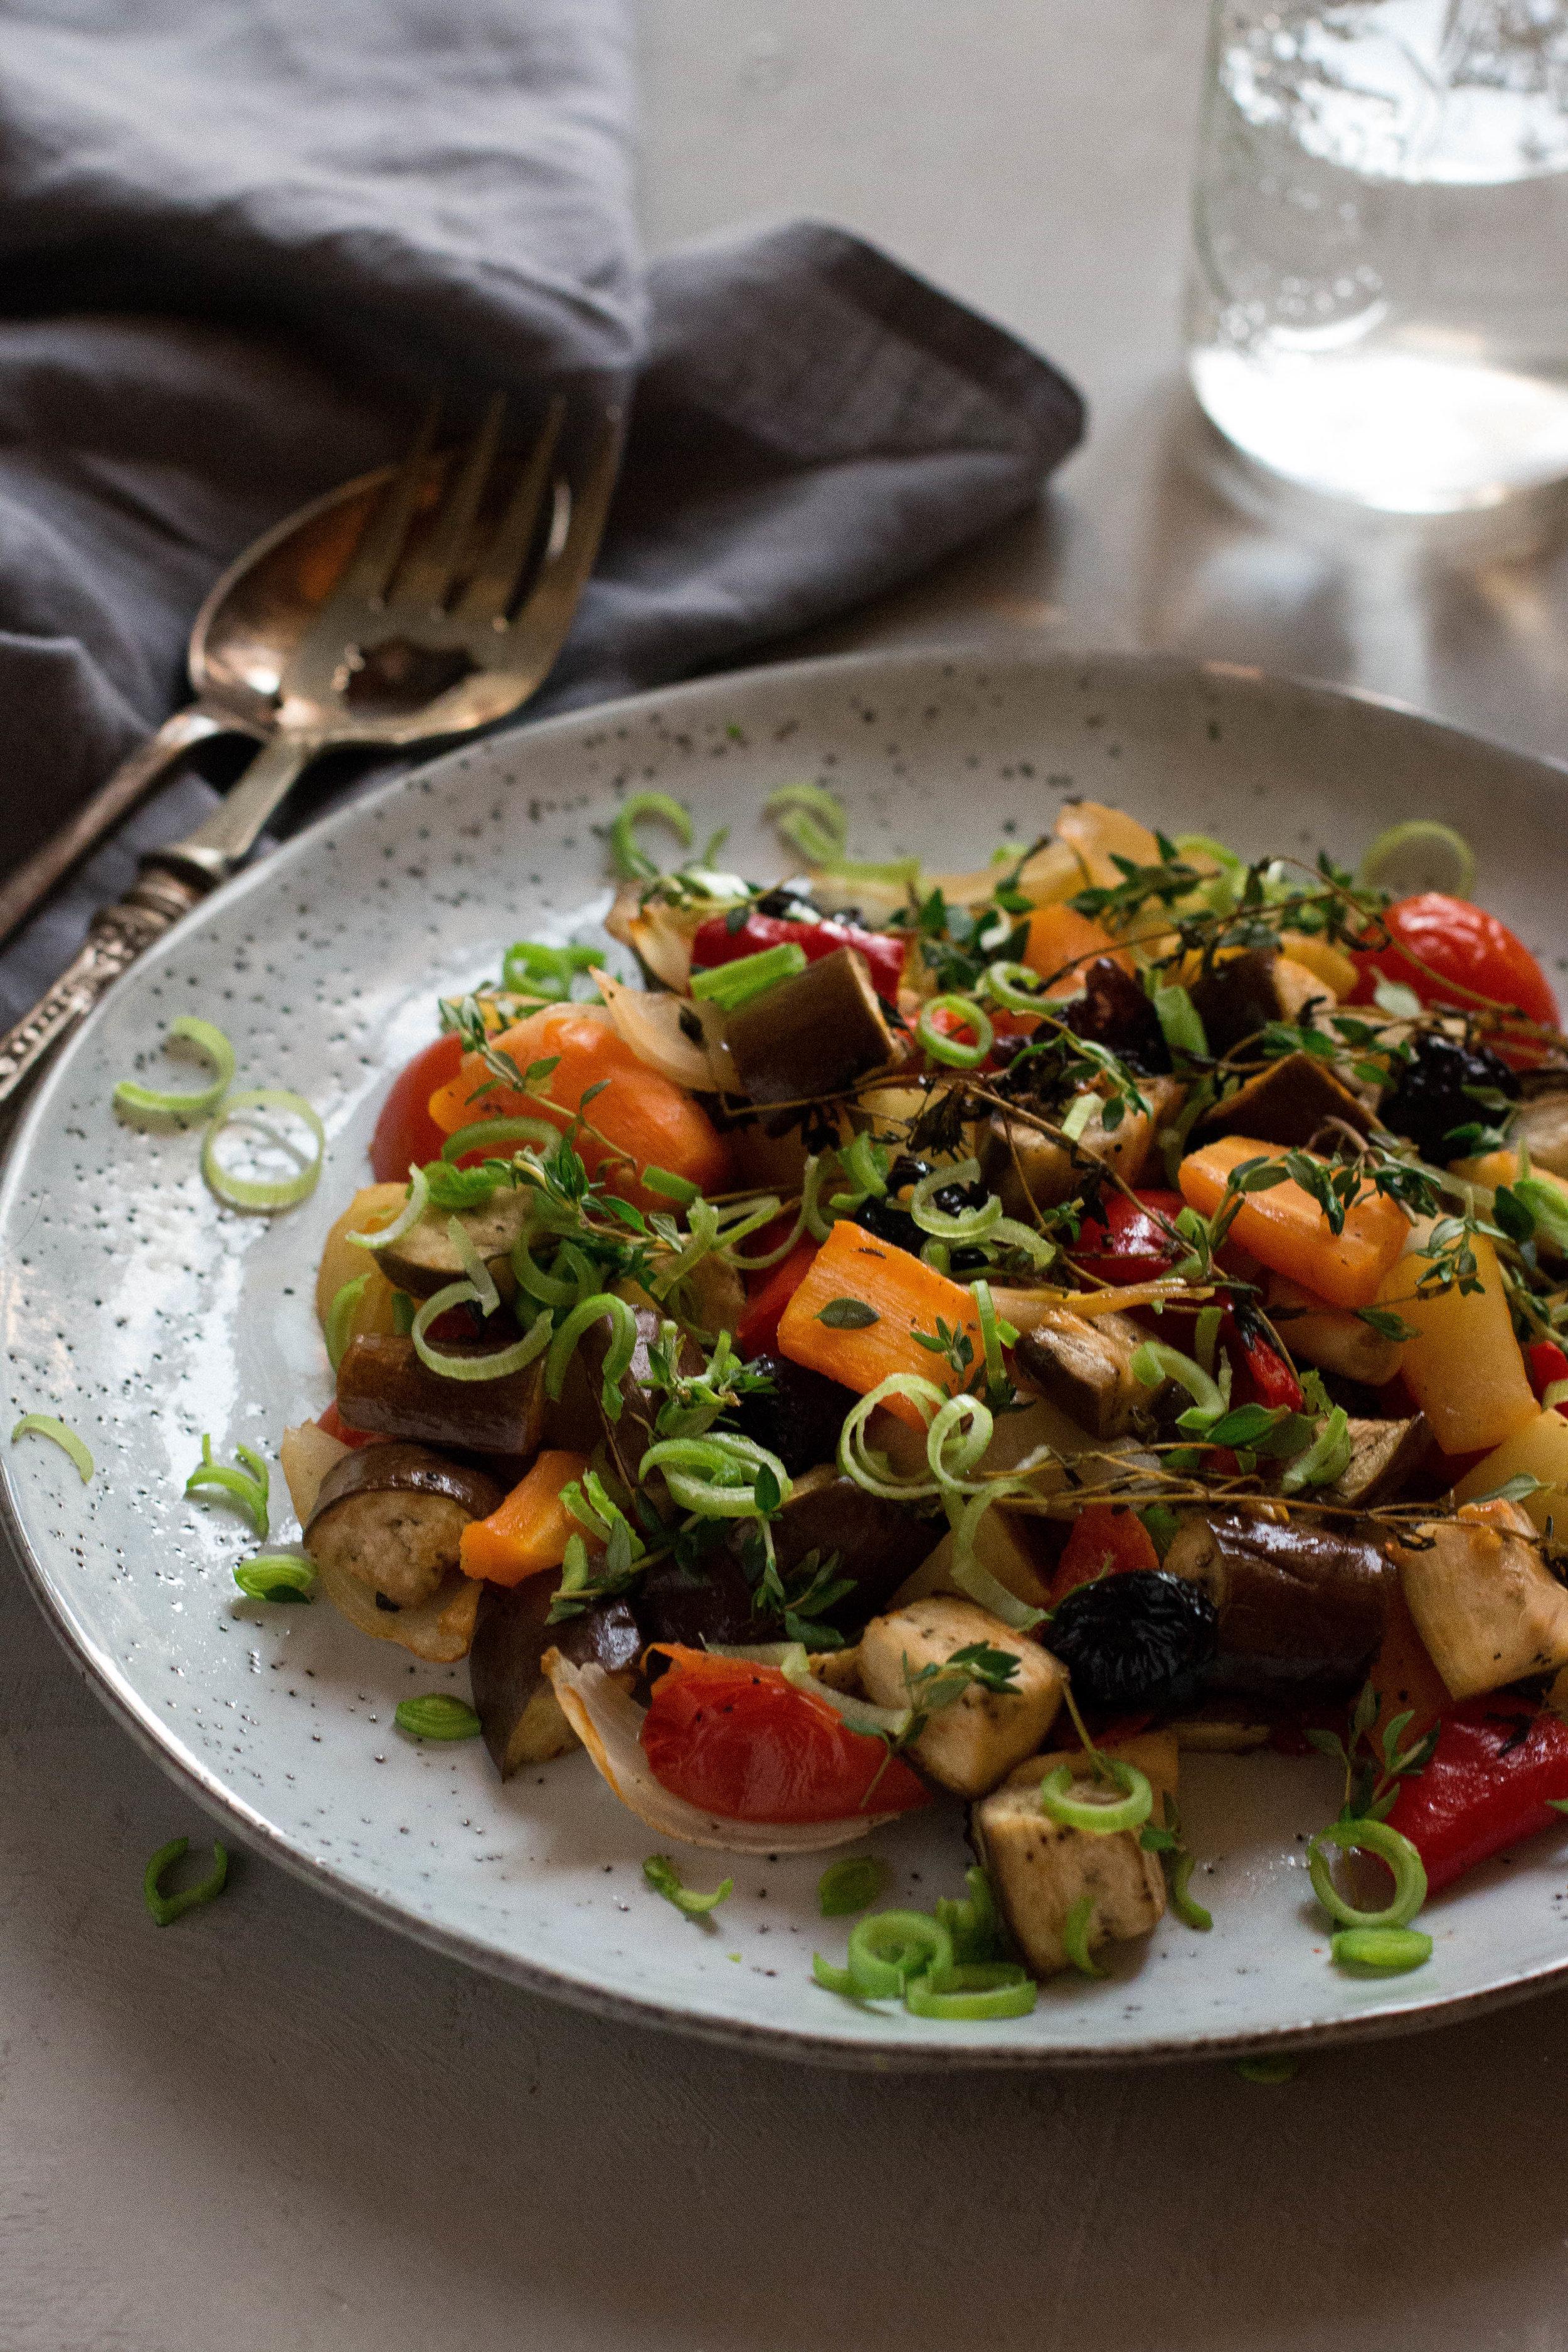 Kimyonlu sebze salatası